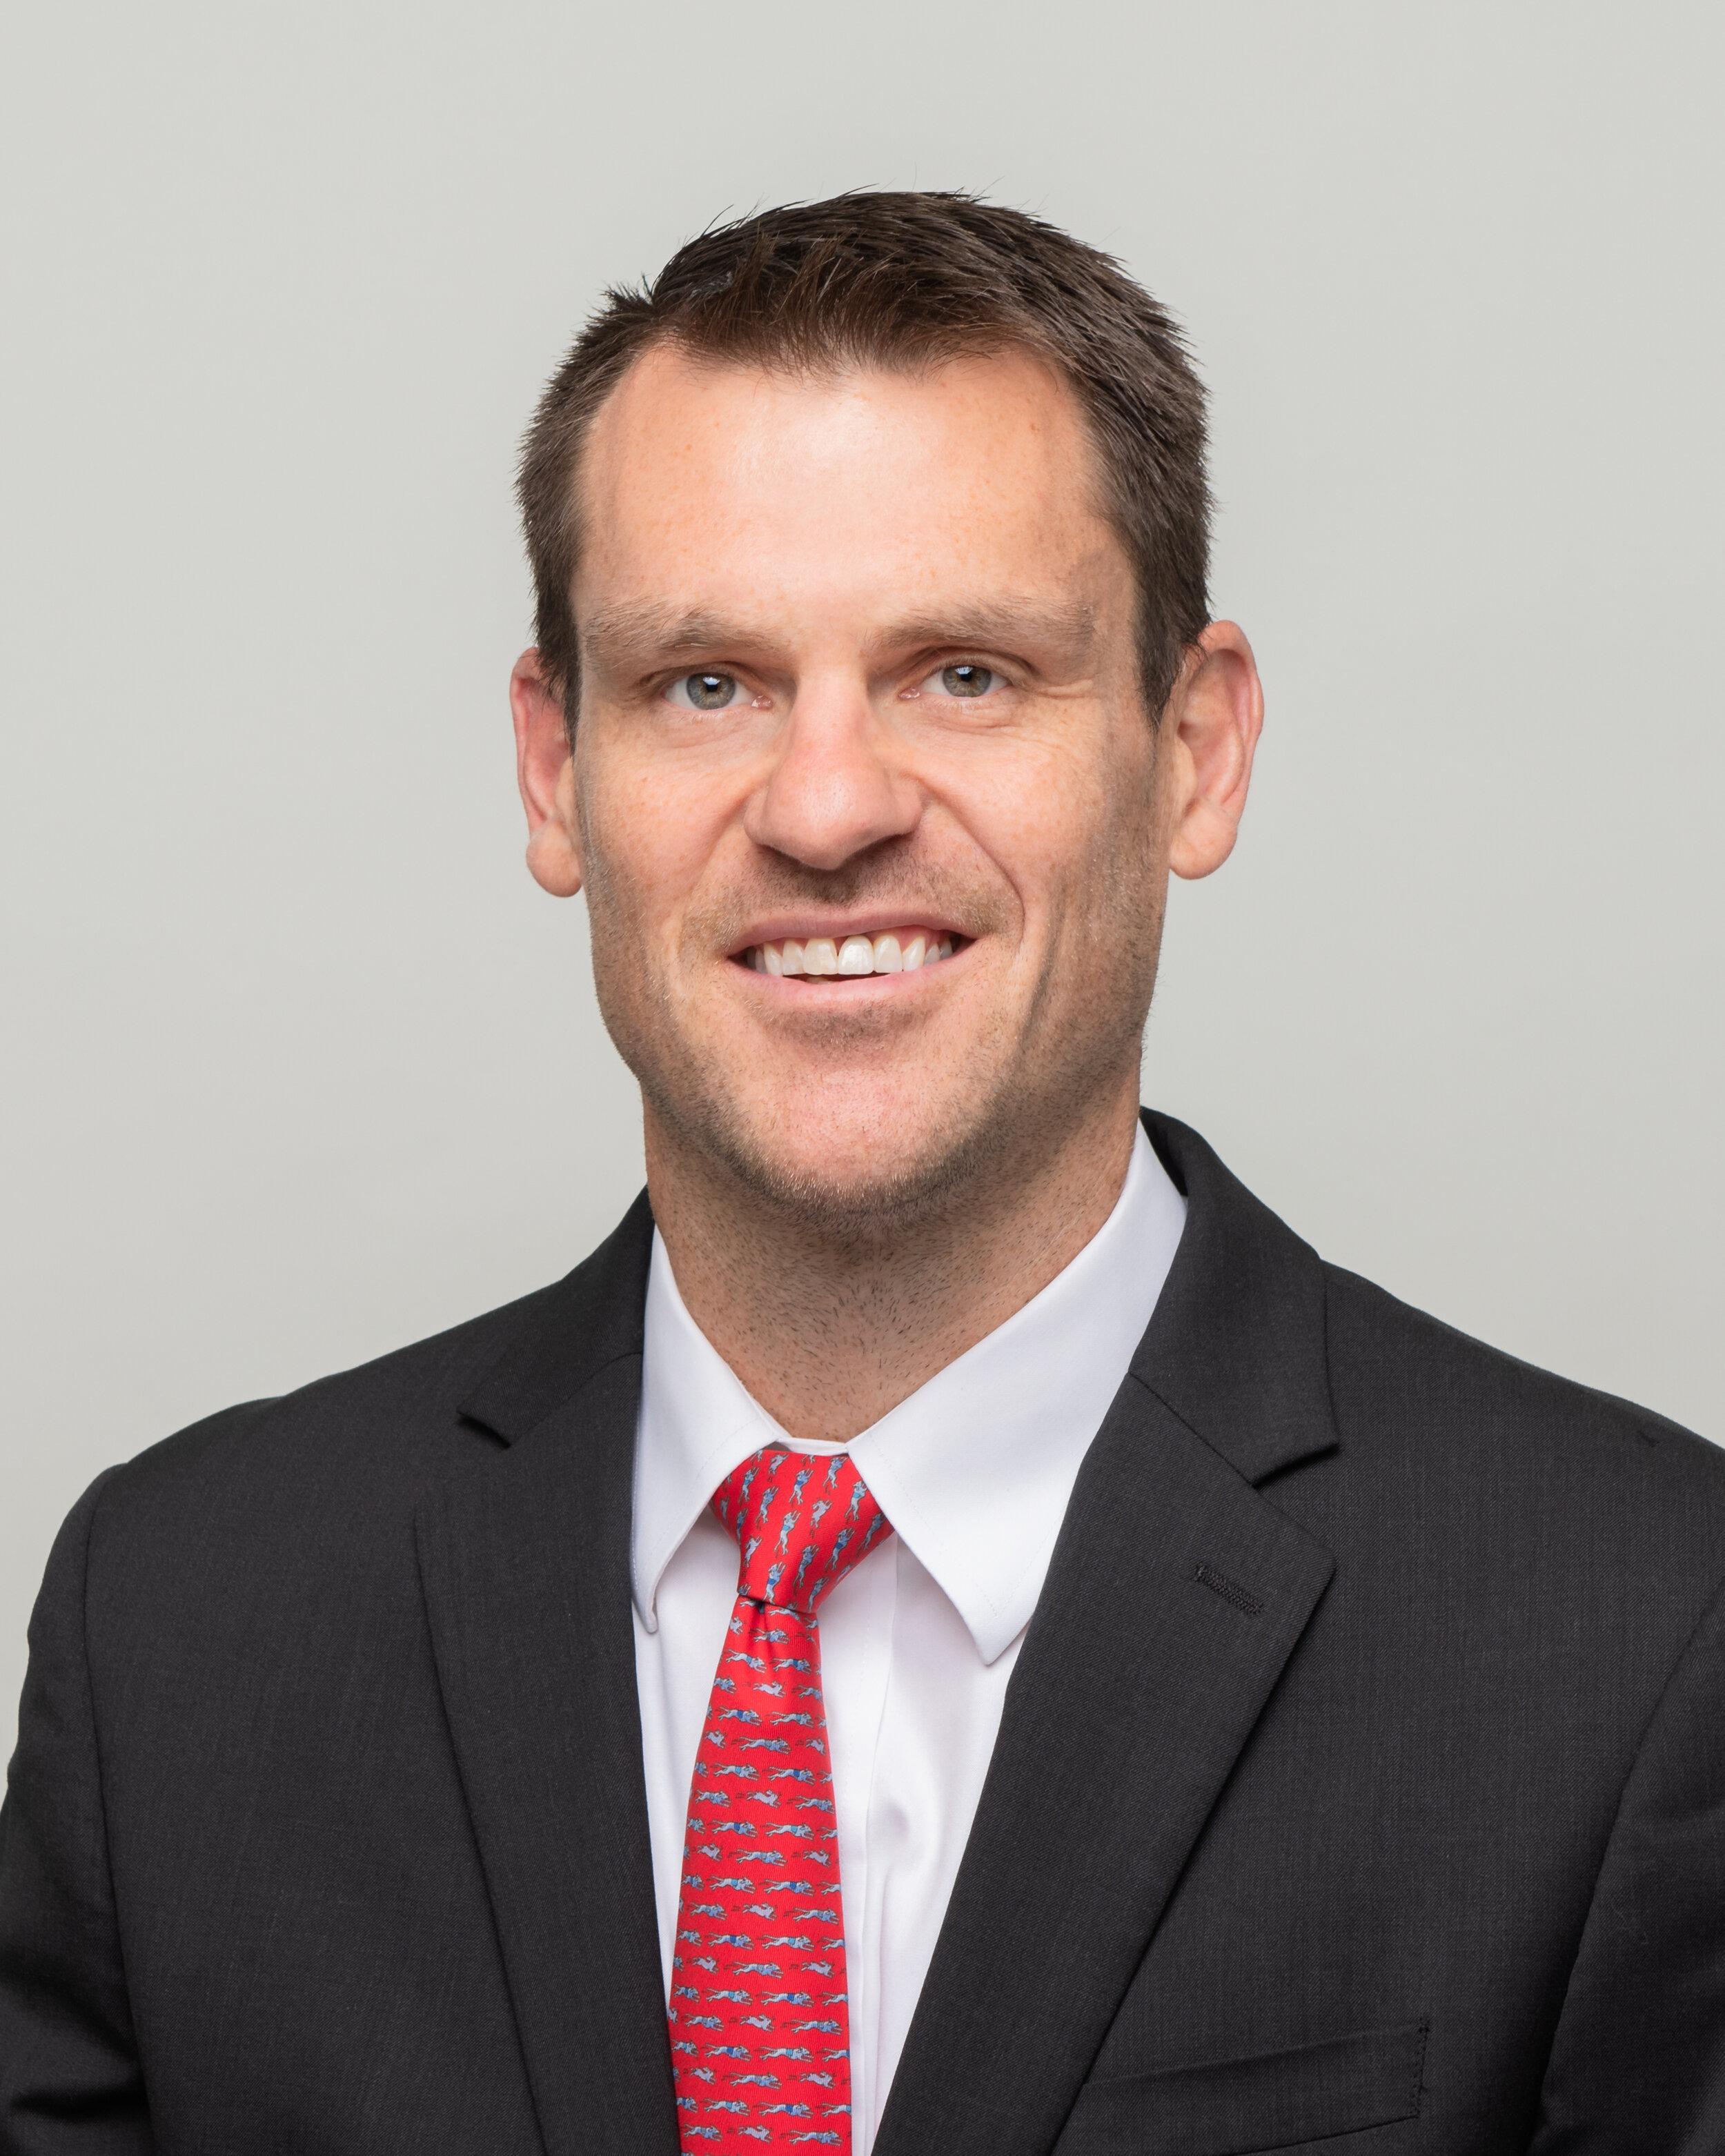 Greg Tonagel